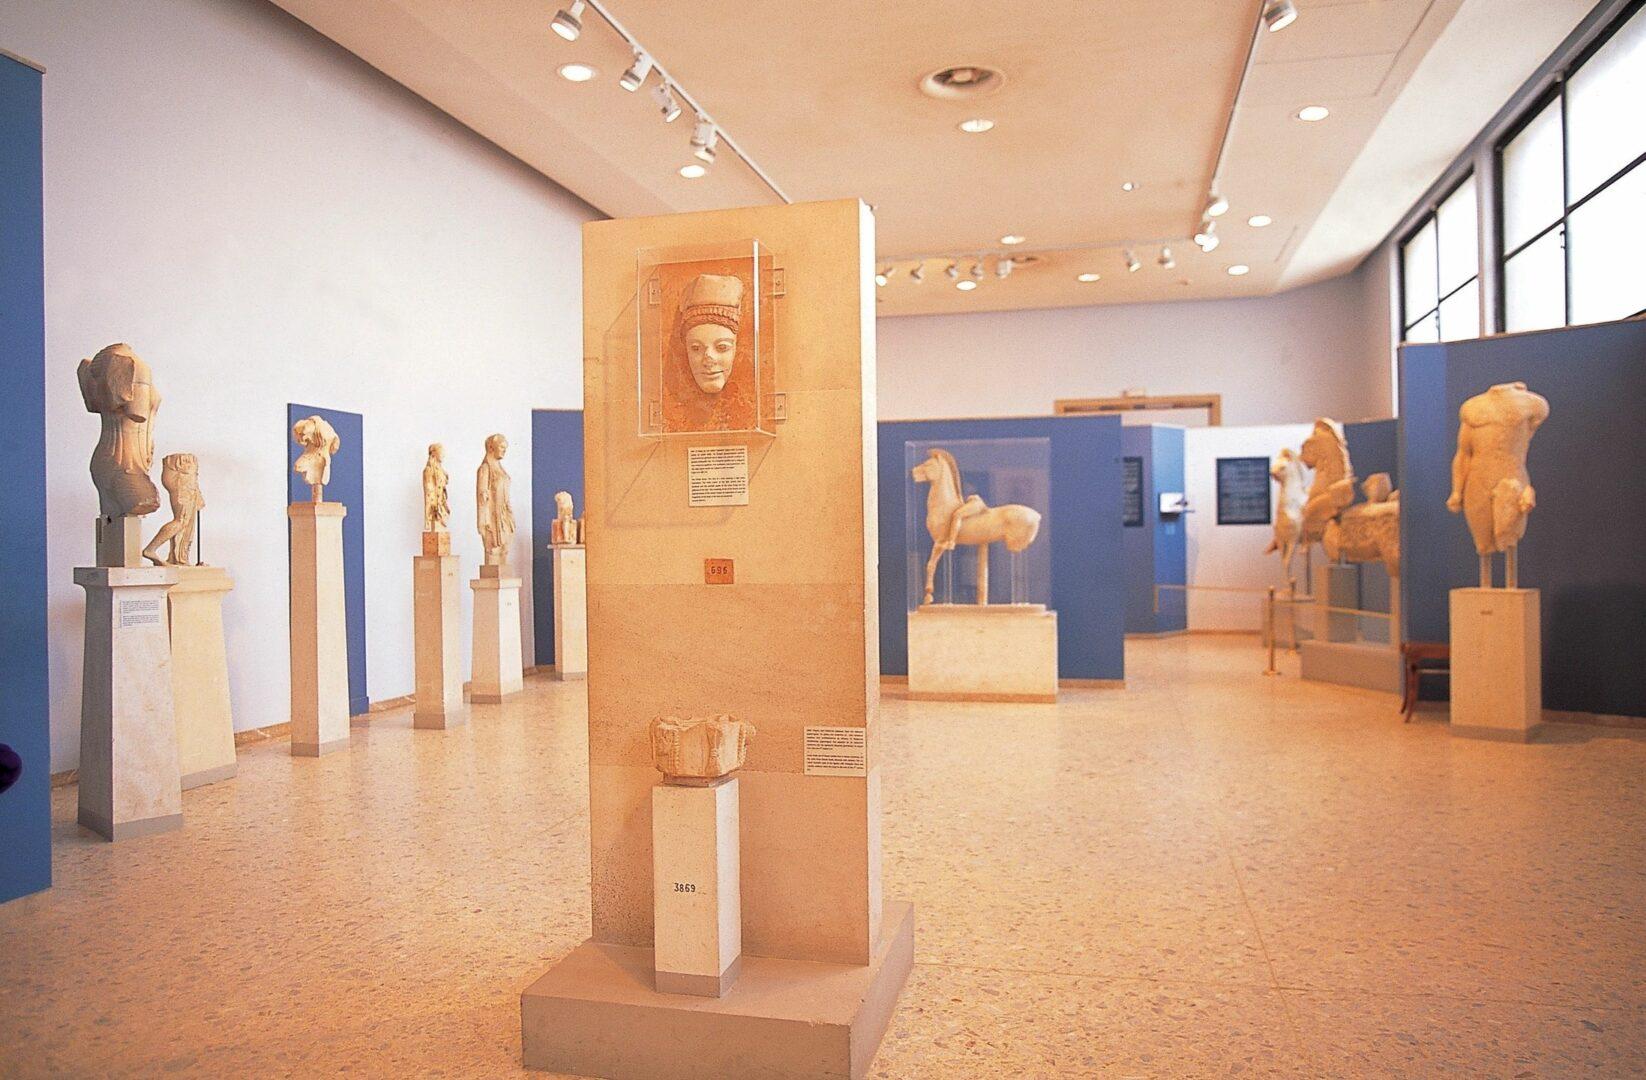 Museum/gallery virtual tour